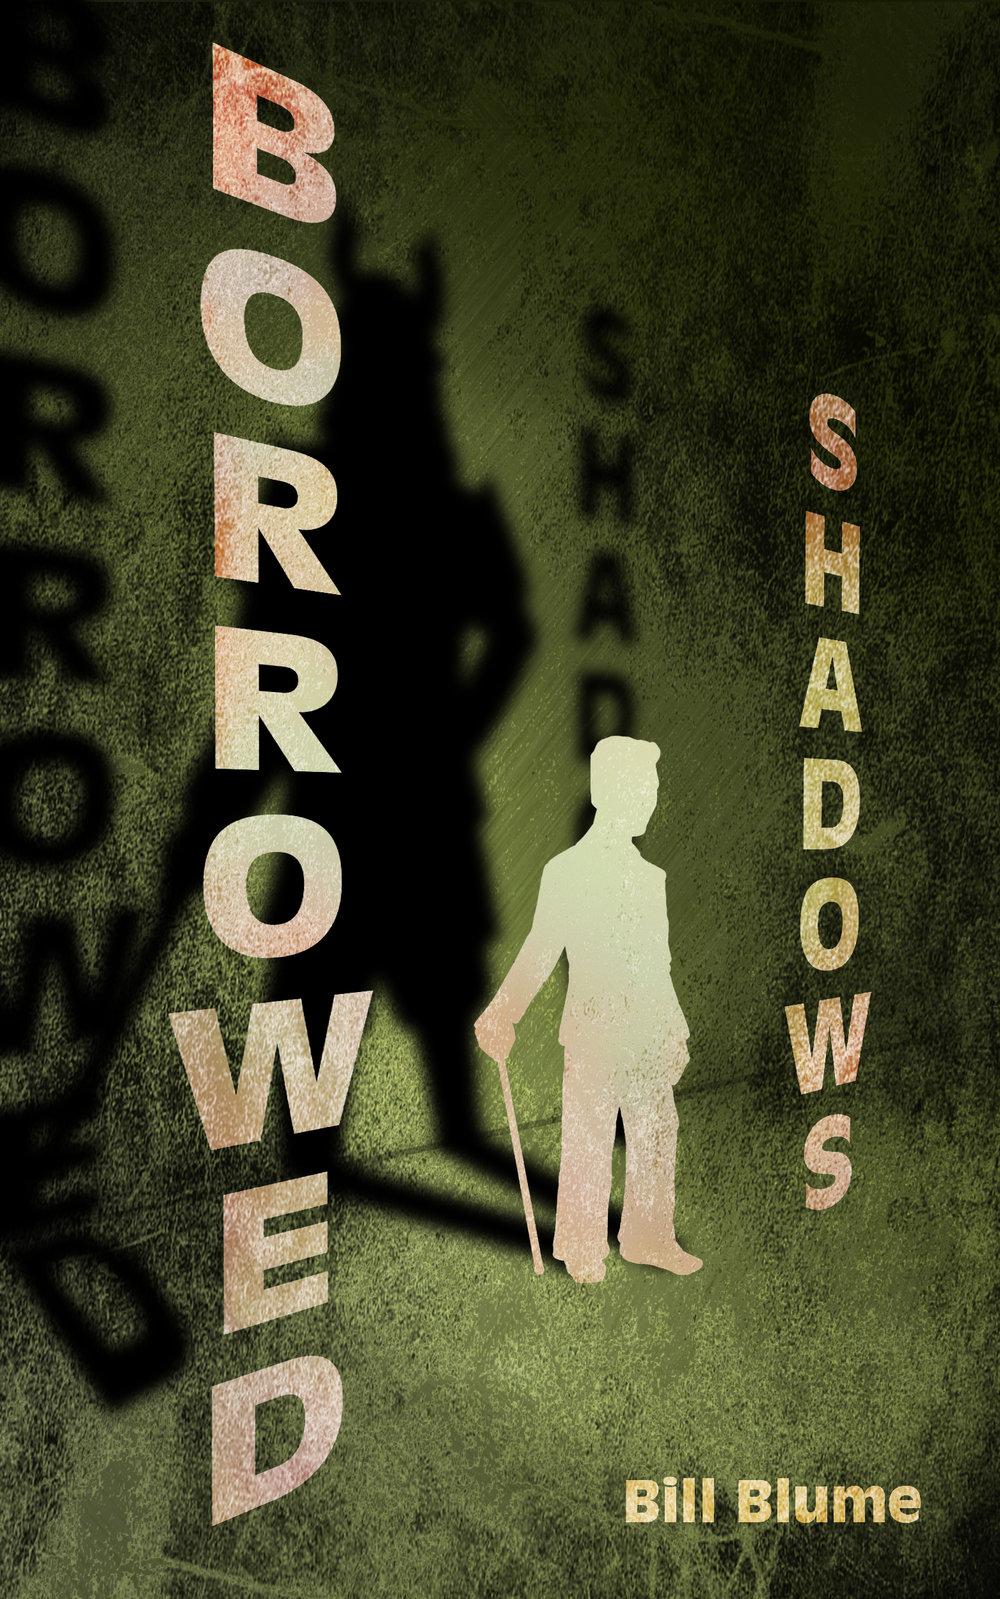 Borrowed Shadows by Bill Blume